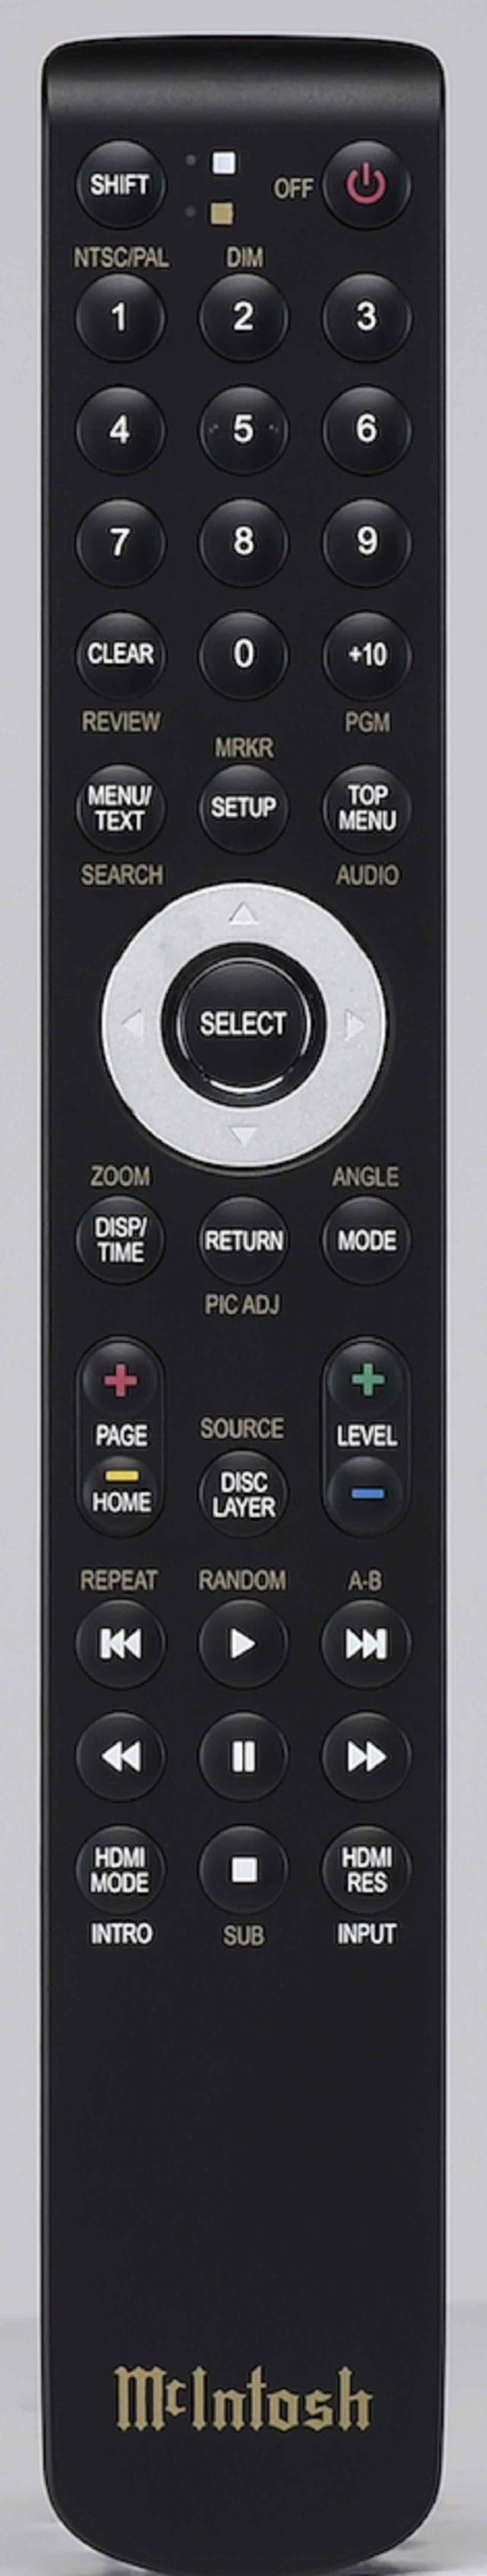 画像: 10キーを備えた付属リモコン。